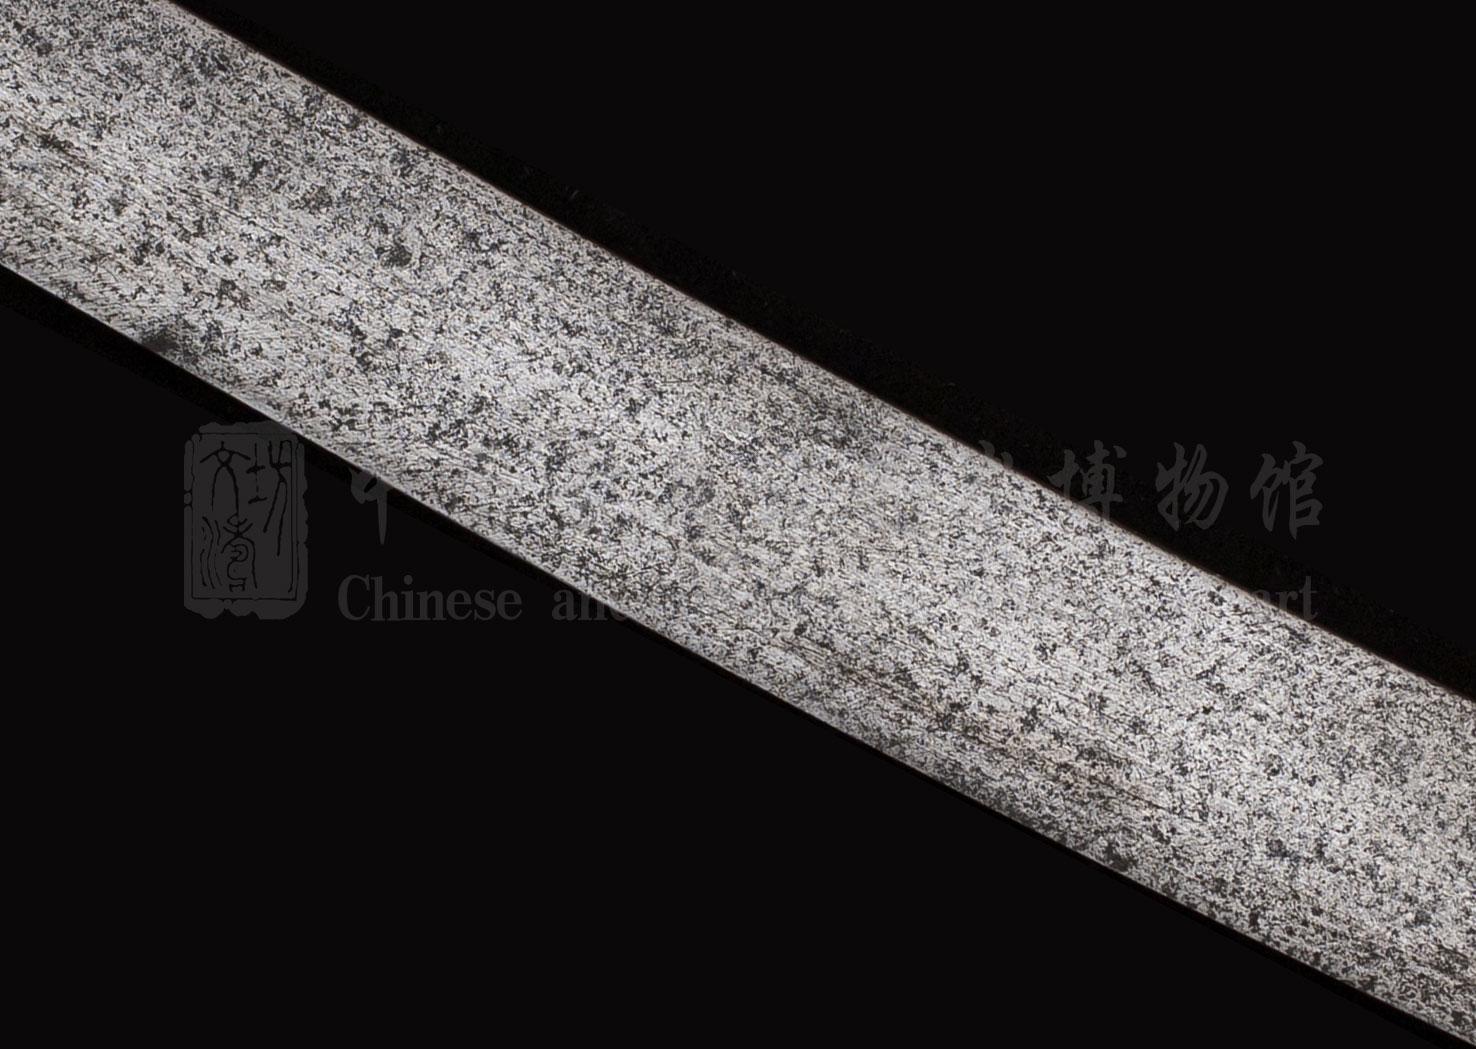 旧黄铜_卷云纹腰刀